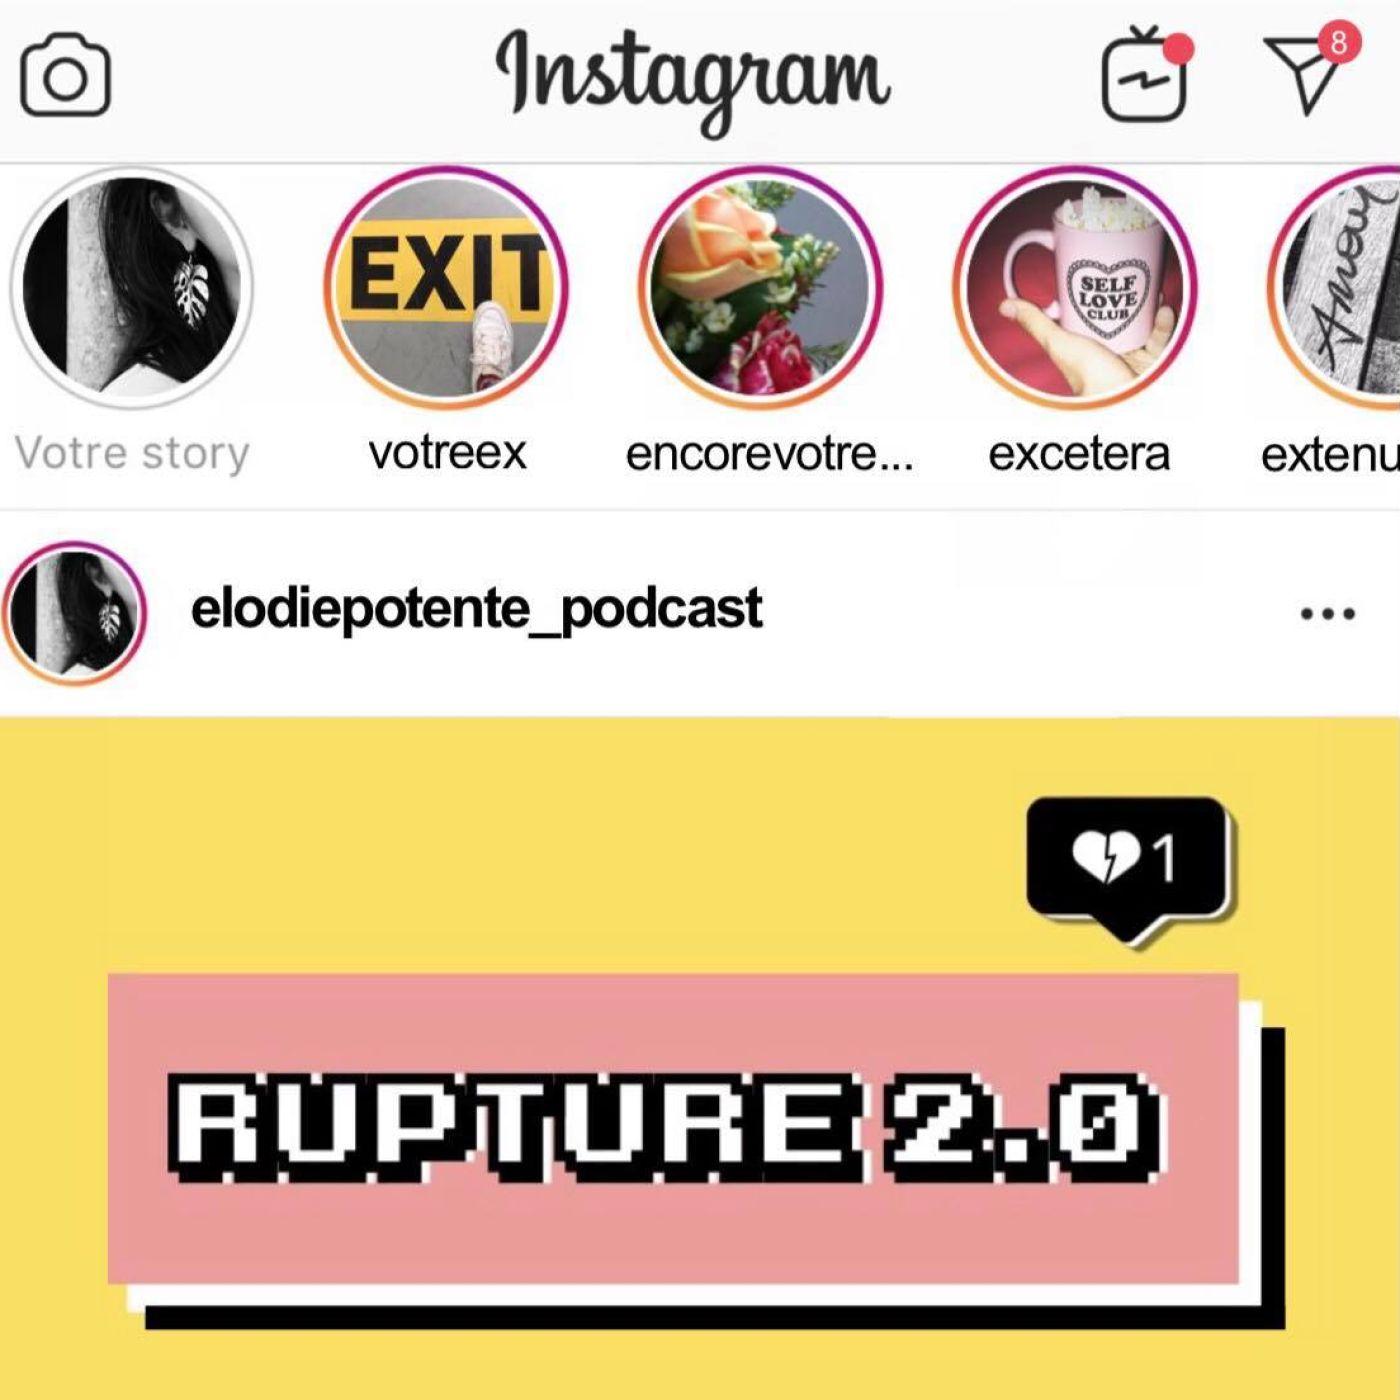 Rupture 2.0